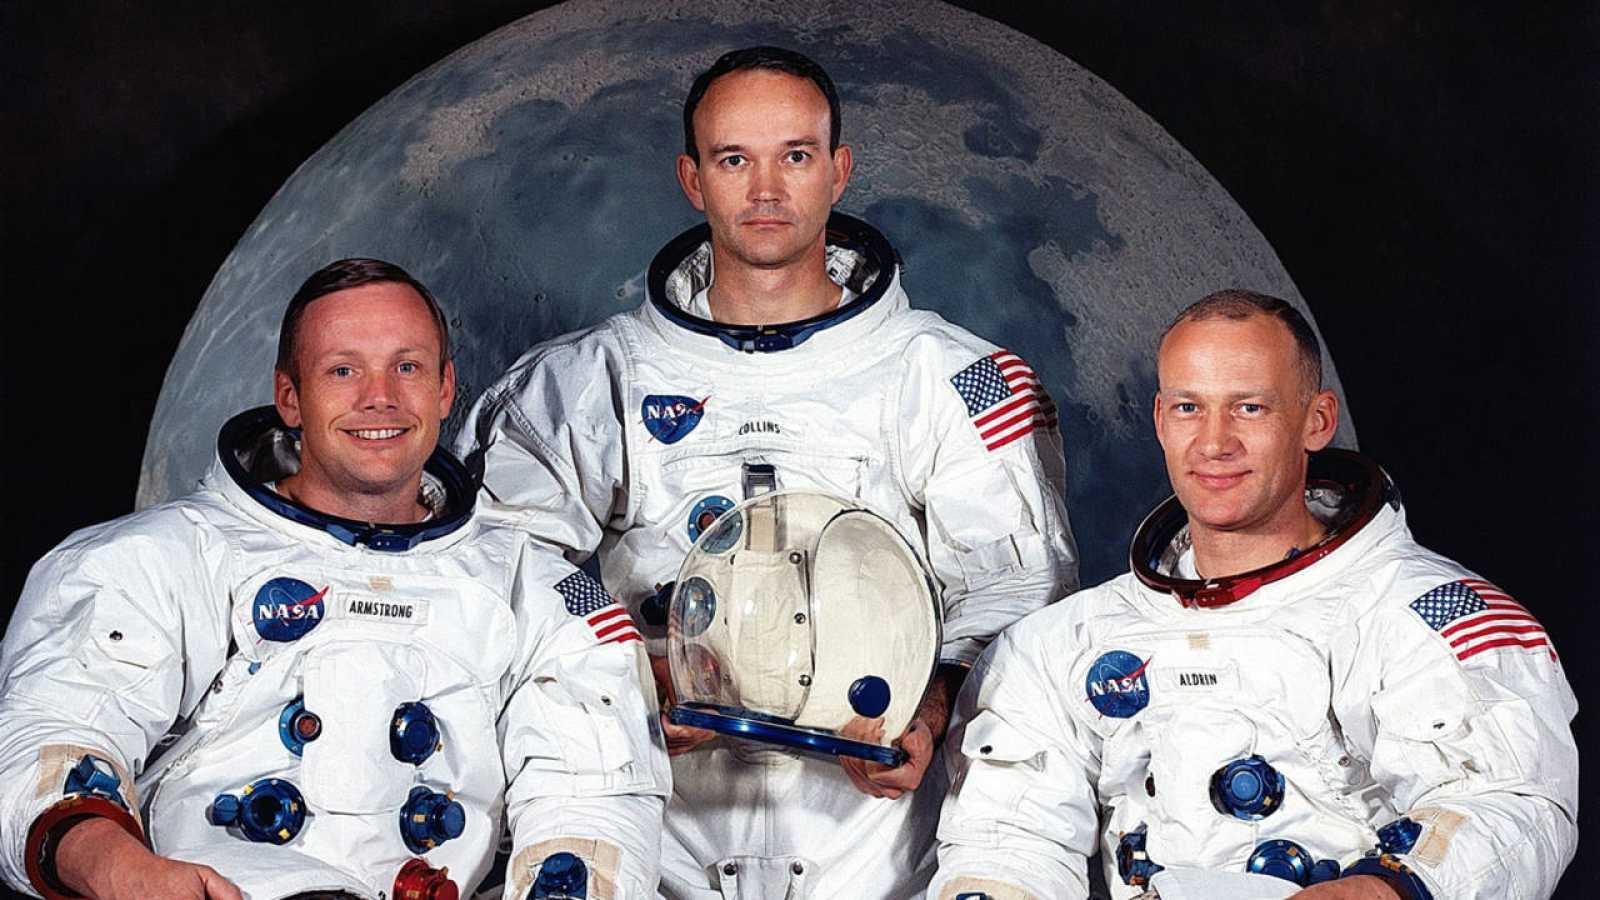 Los tres astronautas de la primera misión Apollo 11 (i a d), Neil A. Armstrong, Michael Collins y Edwin E. Aldrin Jr.